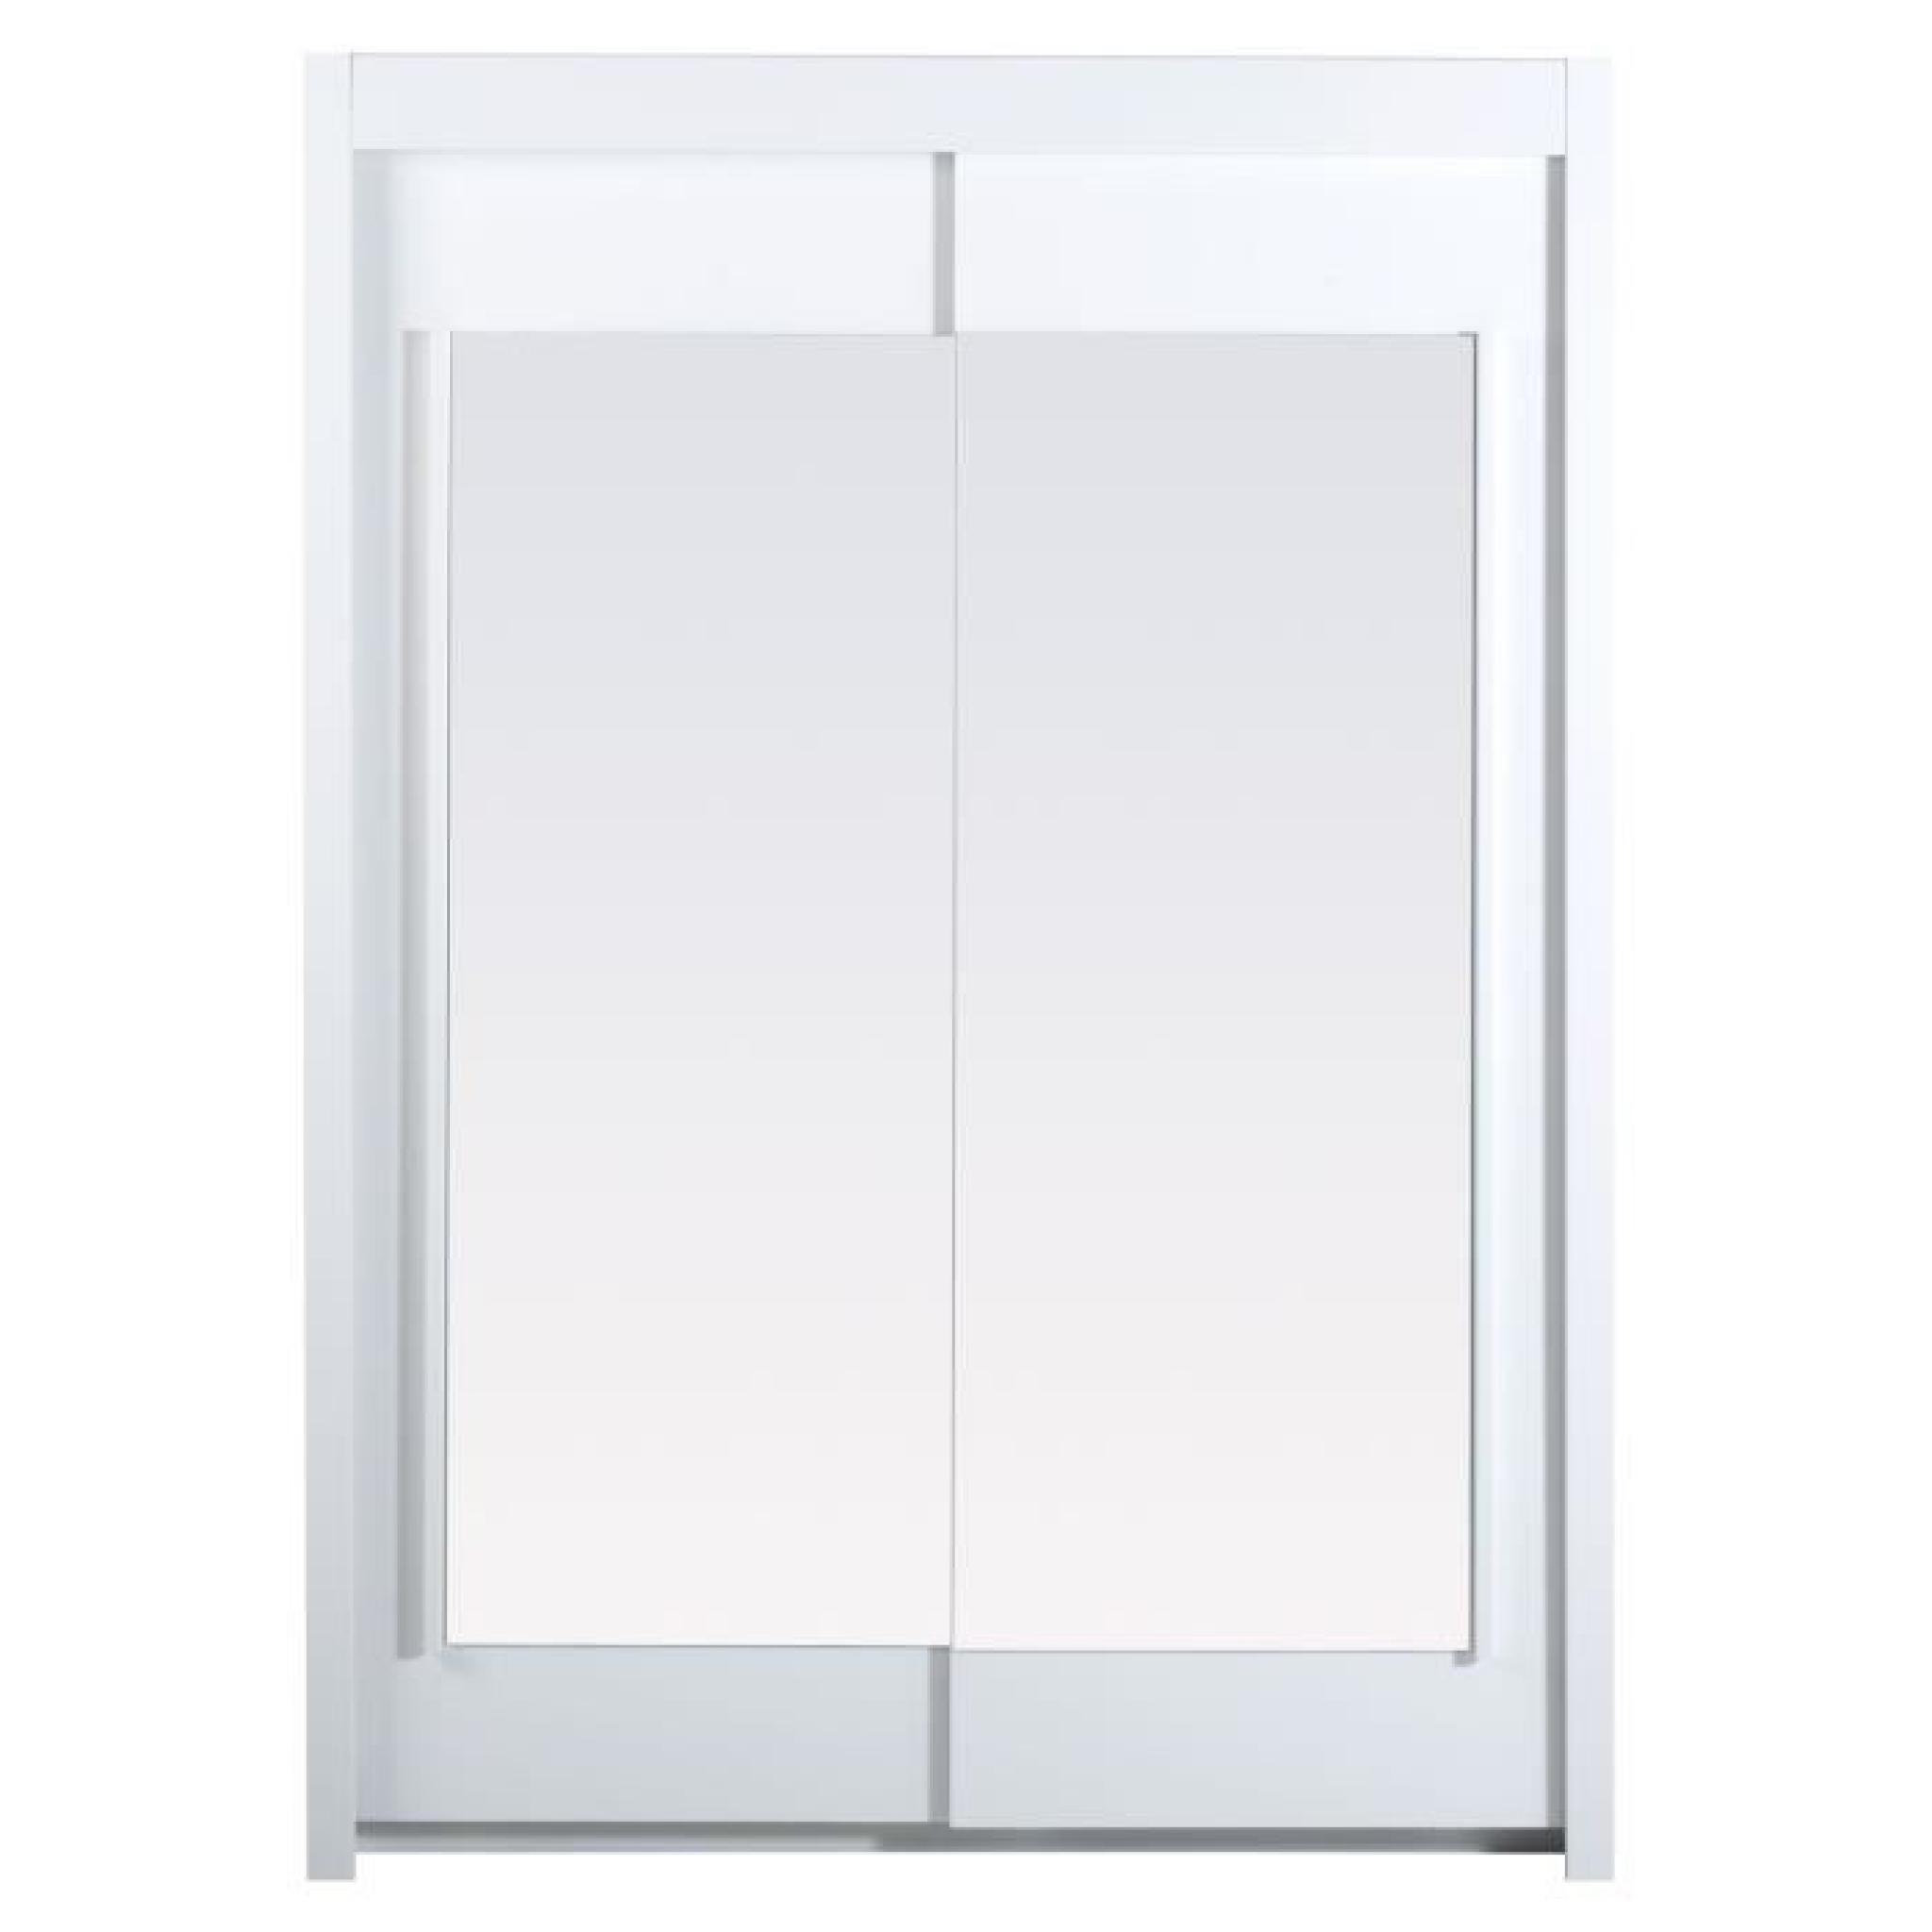 essentielle armoire blanche 2 portes 4 tag res achat vente armoire de chambre pas cher. Black Bedroom Furniture Sets. Home Design Ideas